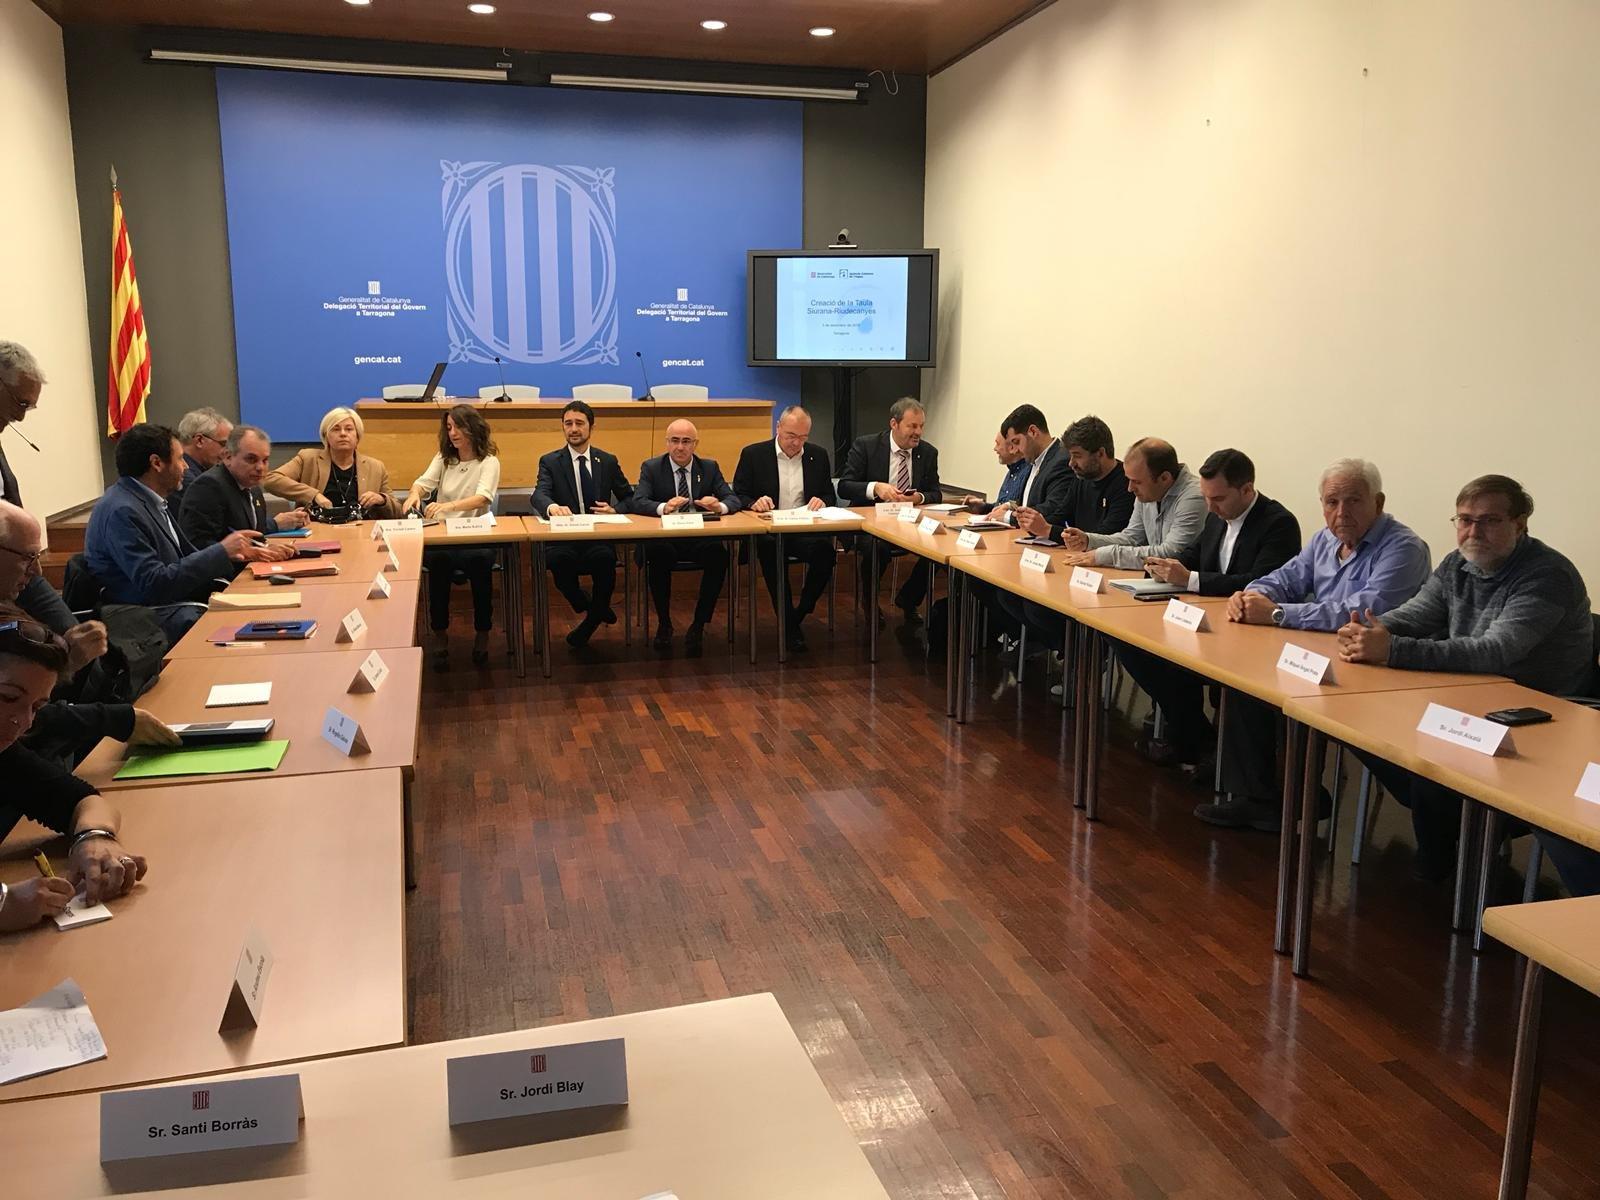 Reunió inaugural de la Taula del Siurana-Riudecanyes